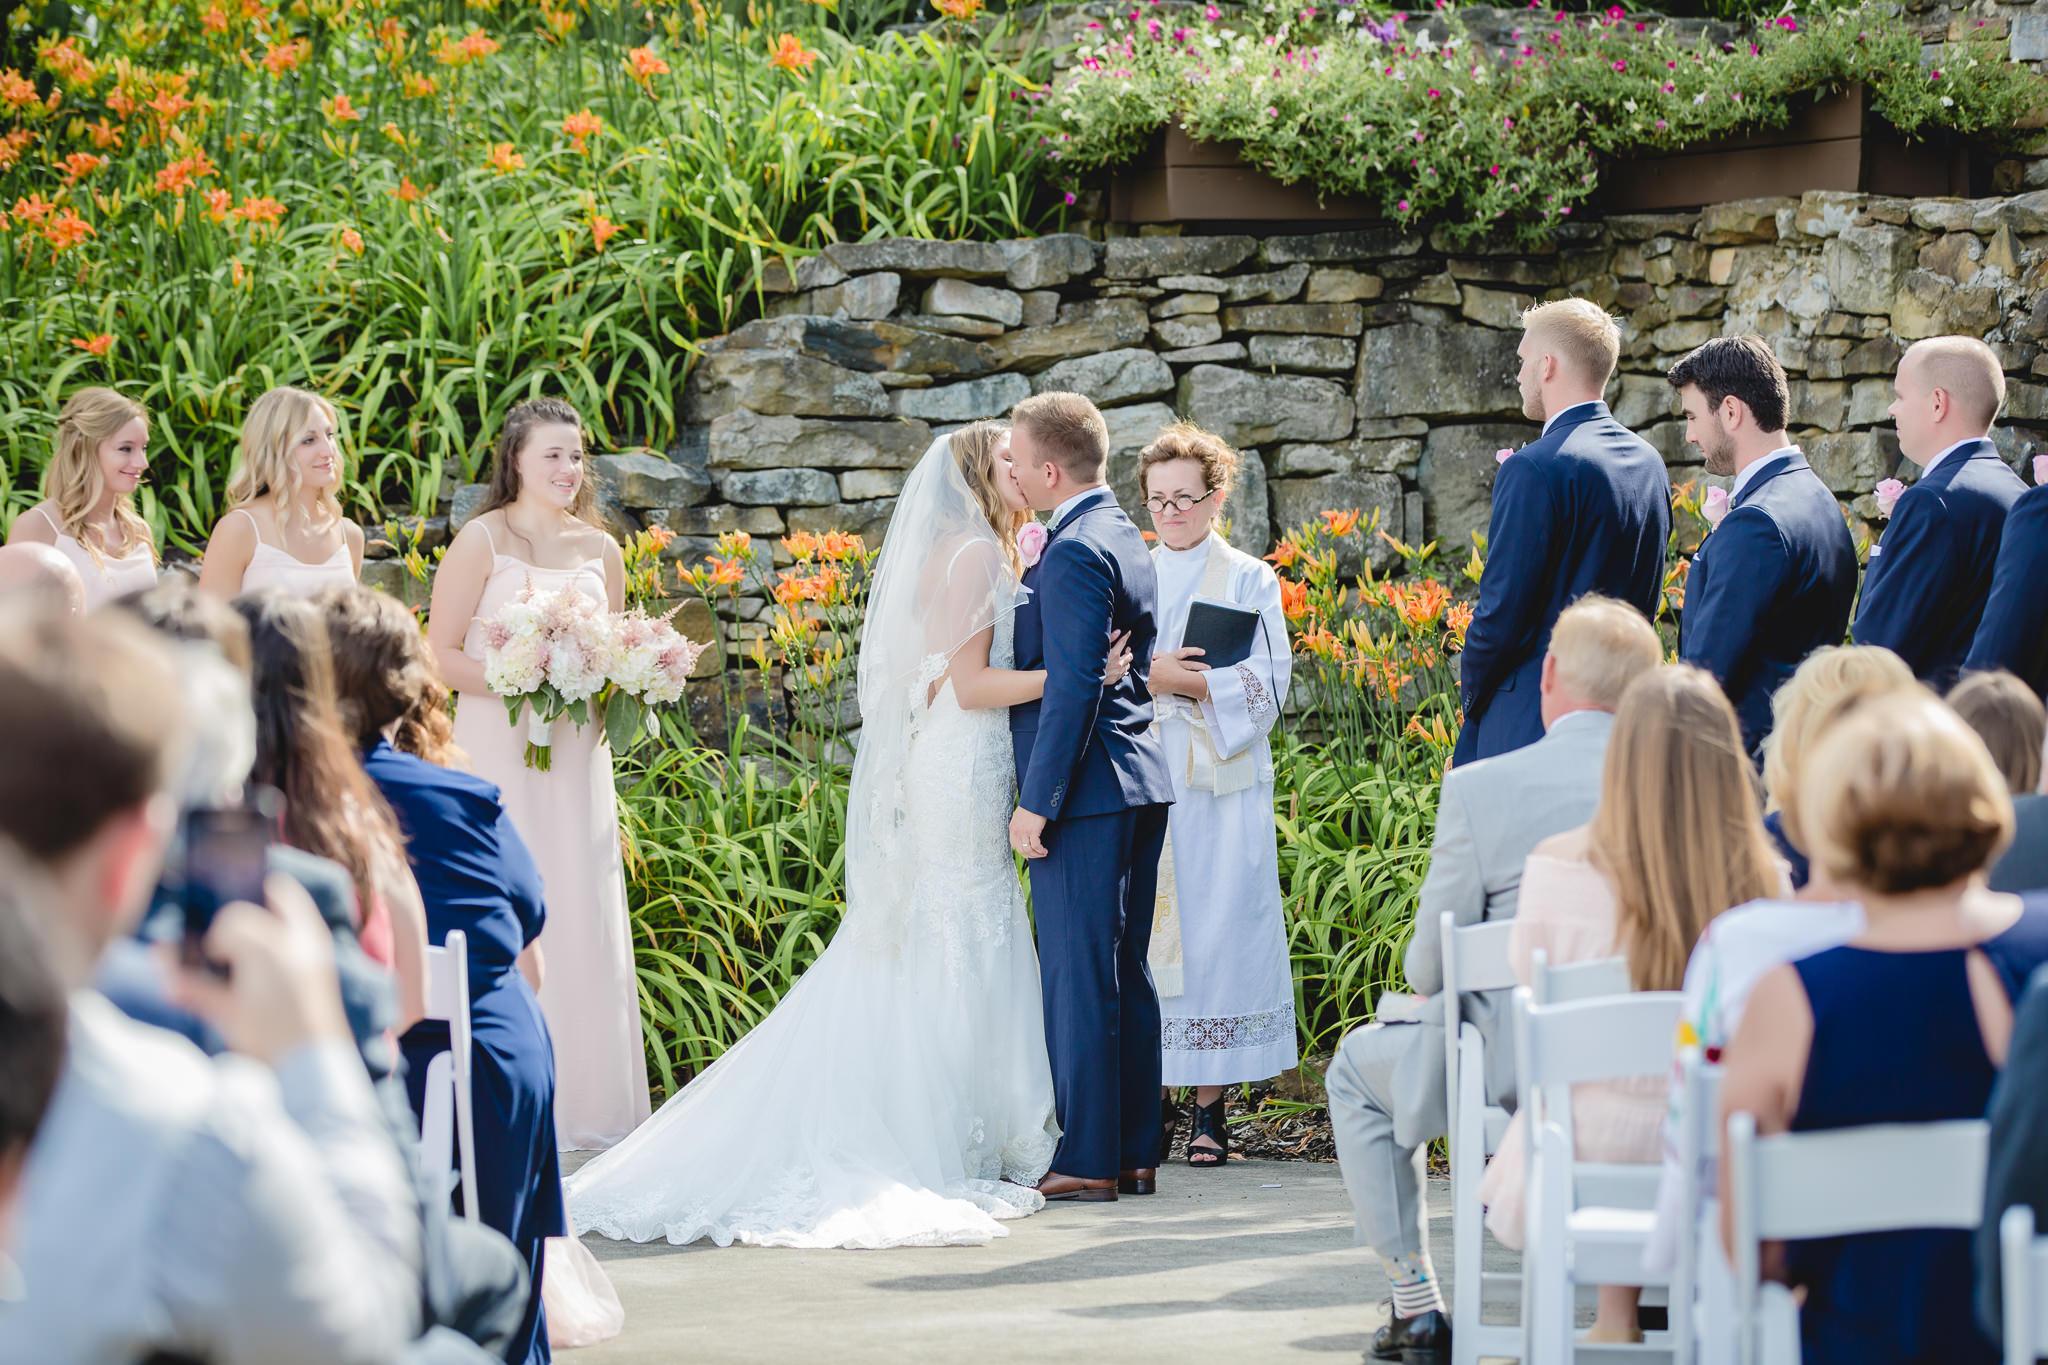 First kiss at a Hidden Valley Resort wedding